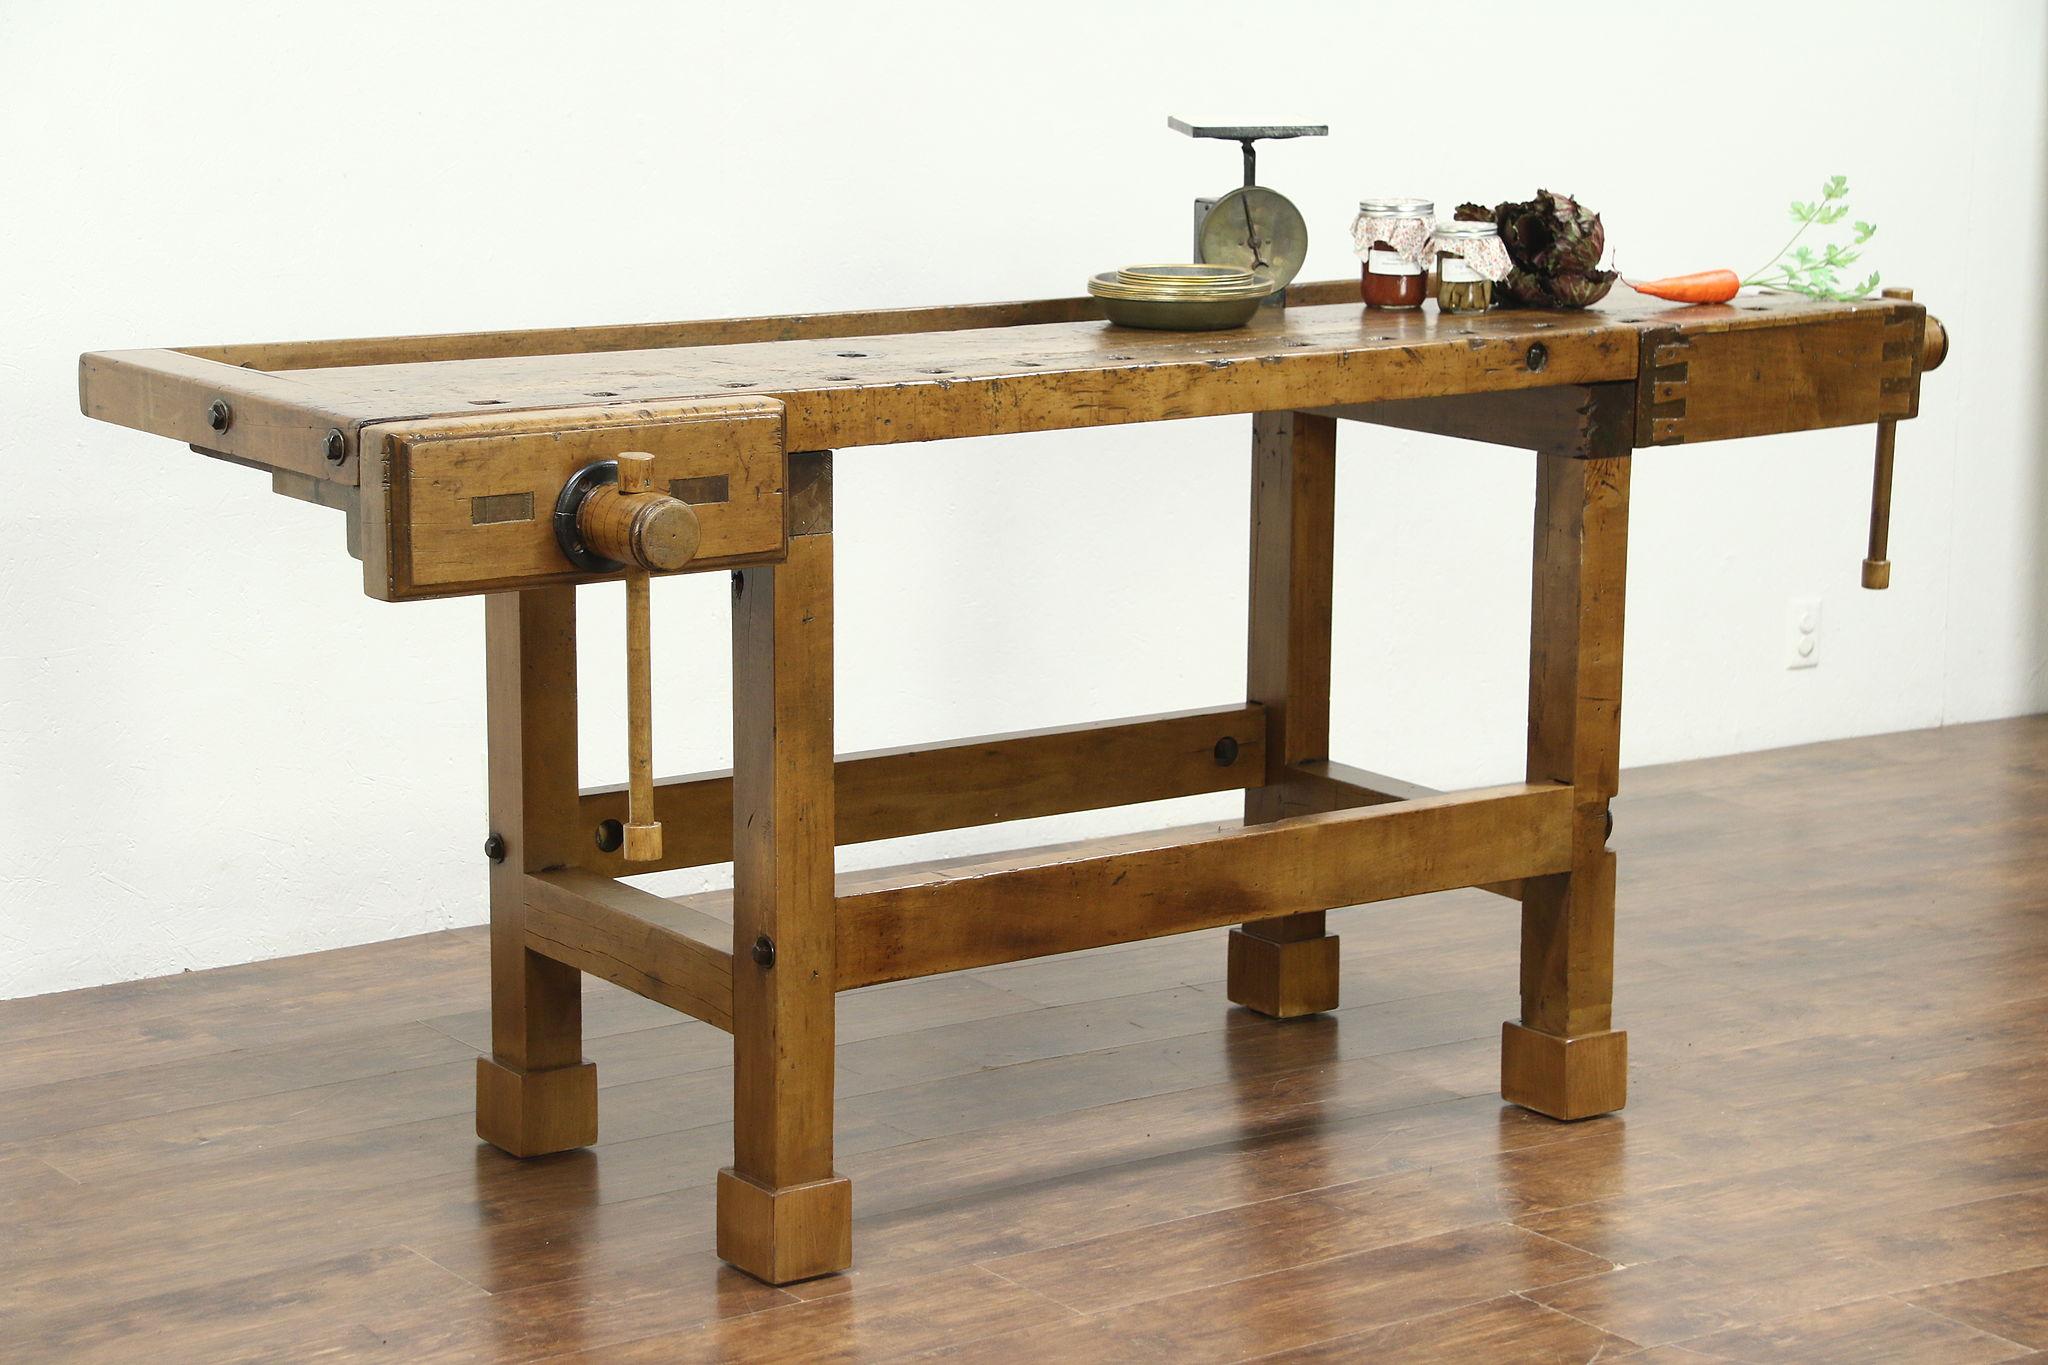 Carpenter Salvage Antique Workbench, Kitchen Island Or Wine U0026 Cheese Table